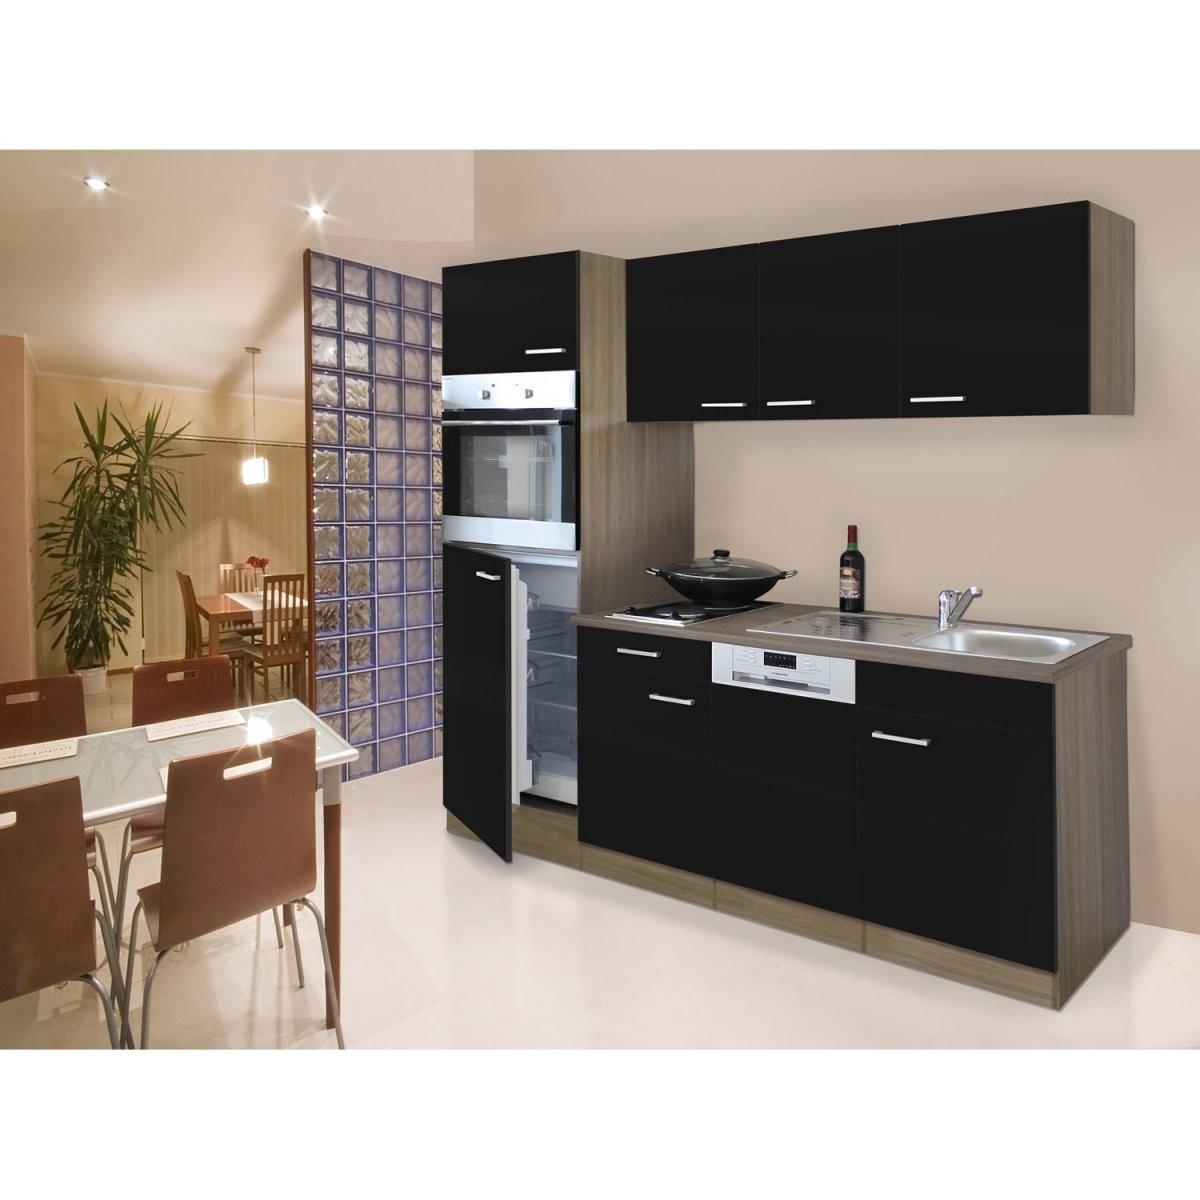 Küchenzeilen – Infos Und Günstig Online Kaufen von Küche Mit E Geräten Ohne Kühlschrank Bild